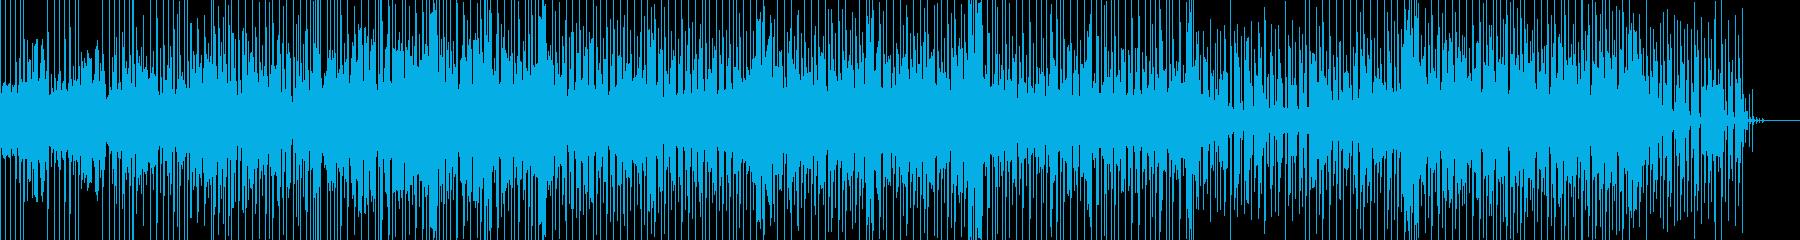 切なく爽やかなメロディと軽快なリズムの再生済みの波形